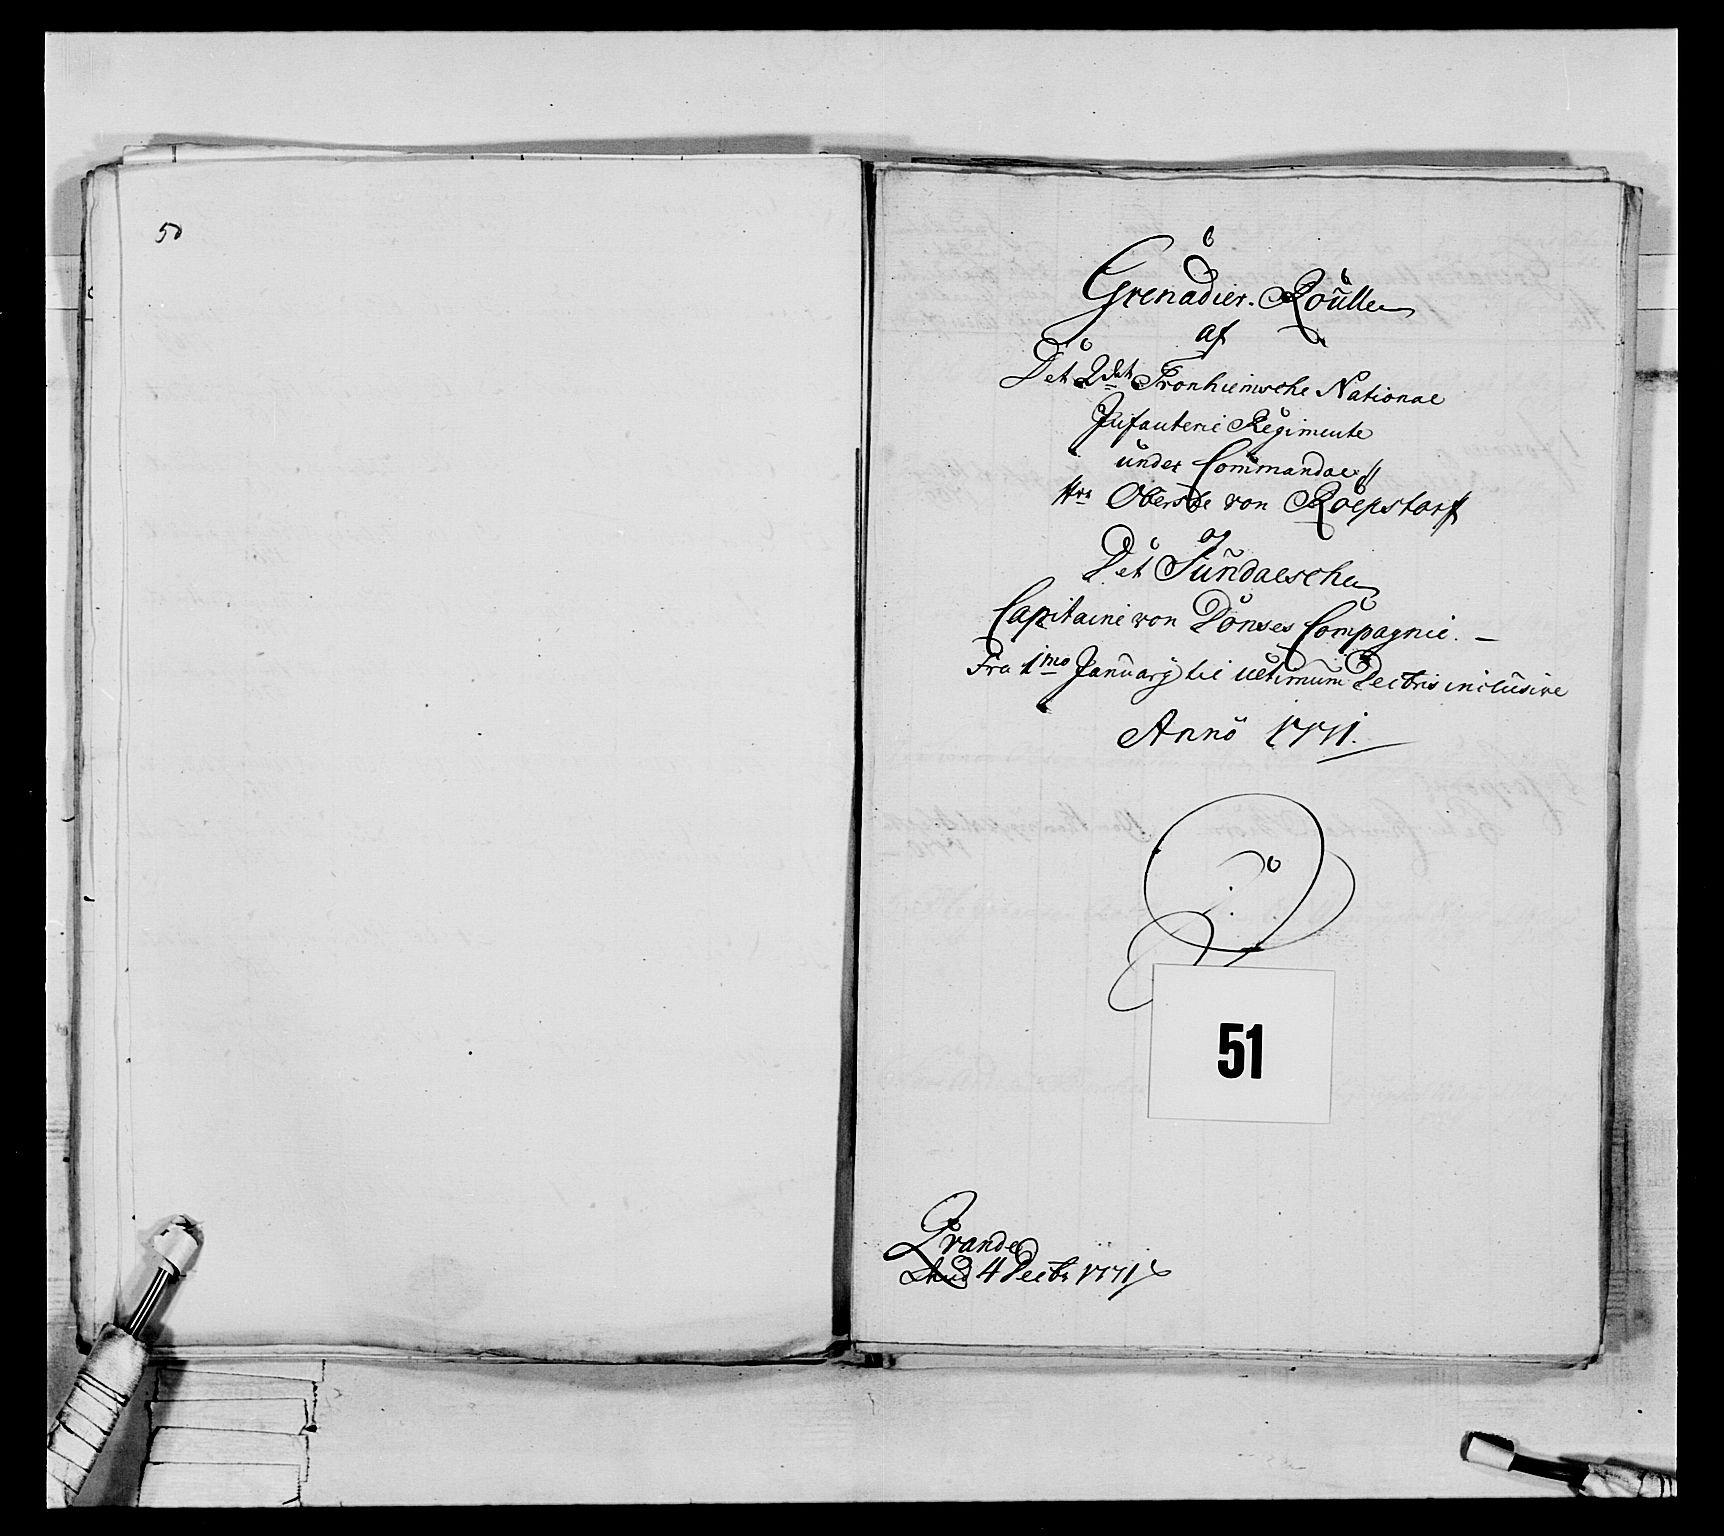 RA, Generalitets- og kommissariatskollegiet, Det kongelige norske kommissariatskollegium, E/Eh/L0076: 2. Trondheimske nasjonale infanteriregiment, 1766-1773, s. 169